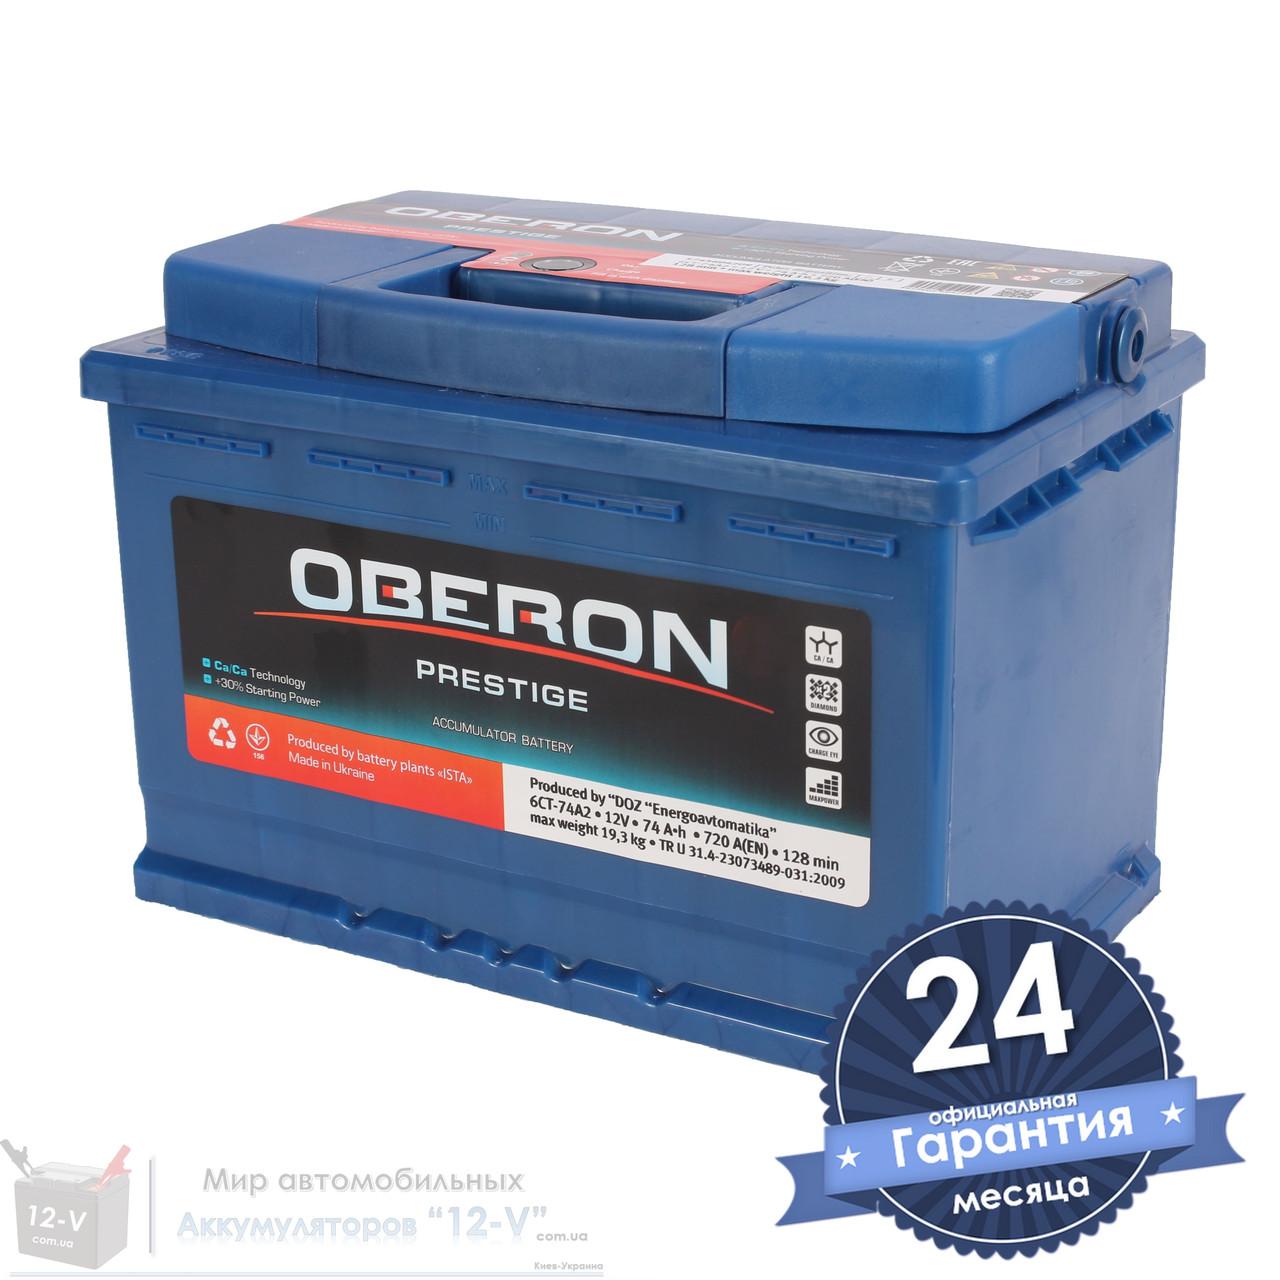 Аккумулятор автомобильный OBERON Prestige 6CT 74Ah, пусковой ток 720А [–|+]